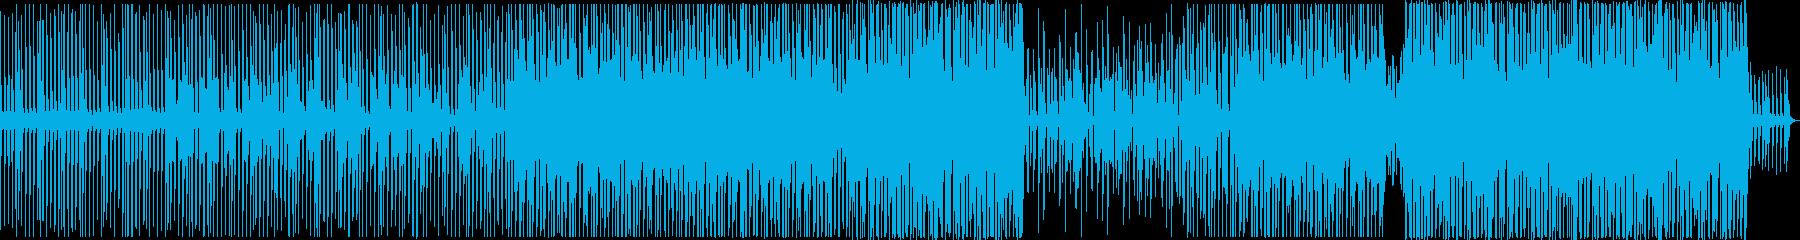 洋楽 おしゃれ 女性ボーカルの再生済みの波形